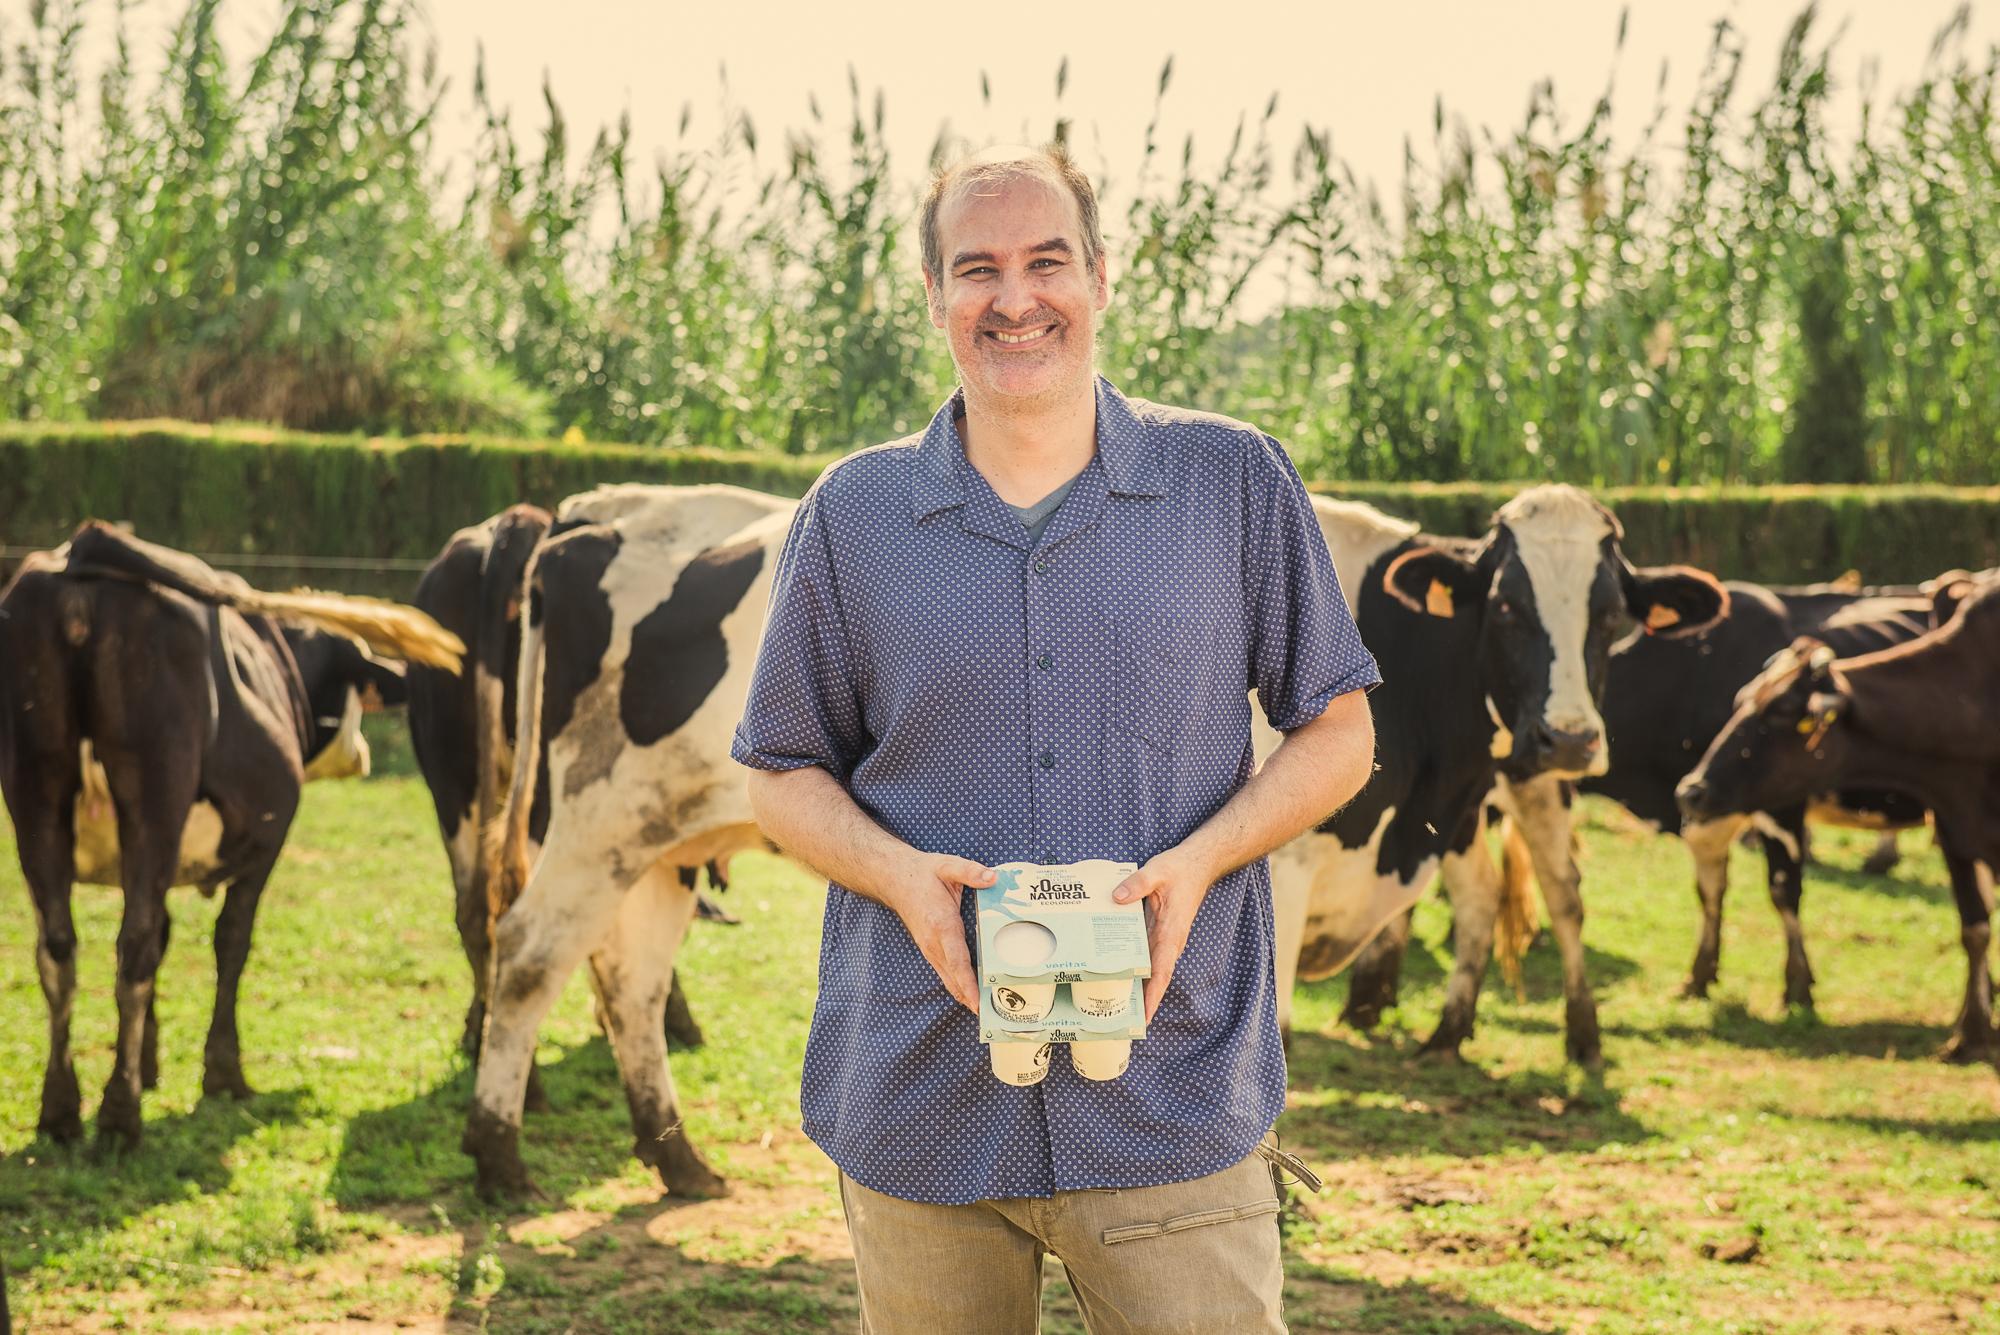 Els iogurts ecològics Veritas s'elaboren de manera totalment artesanal seguint pas a pas la recepta de tota la vida i utilitzant només ingredients ecològics de proximitat i de primera qualitat. No contenen conservants ni additius ni substàncies transgèniques i tant els envasos com el cartró del pack són reciclables i sostenibles. Molt a prop del magatzem de Veritas hi ha l'obrador de Cambelson, una petita empresa de Granollers elaboradora de lactis ecològics on diàriament es fan els iogurts, flams i quefir marca Veritas, amb la llet fresca d'una granja de Cardedeu, un valor que marca la diferència, ja que molts iogurts s'elaboren a partir de llet en pols. «Cada dia a les vuit del matí anem a buscar la llet de vaca i de cabra acabada de munyir i la portem directament a l'obrador, on comença l'elaboració artesana». L'aposta per un producte de màxima qualitat es deu al fet que «volem el millor per al client i el medi ambient i darrere de cada article hi ha moltíssims valors, per exemple, pagar un preu just per la llet perquè volem cuidar als pocs ramaders que queden i volem que continuïn tenint cura de les vaques (que pasturen en llibertat i únicament s'alimenten de palla, herba i una petita quantitat de pinso ecològic). D'aquesta manera, podem continuar gaudint d'un producte excepcional sense dreceres ni additius químics i amb la certificació del CCPAE», explica Óscar Gutiérrez, fundador de Cambelson. «Cada dia a les vuit del matí anem a buscar la llet de vaca i de cabra acabada de munyir i la portem directament a l'obrador, on comença l'elaboració artesana». Entre les diferents varietats hi ha els iogurts naturals i els desnatats (amb i sense lactosa), els de fruites (maduixes, nabius), els de gustos (plàtan, maduixa, llimona) i els grecs (fets amb nata ecològica), a més del quefir i els flams de mató i d'ou, que es bullen un a un al bany maria. En el cas dels iogurts de gustos, es fan servir únicament aromes naturals que provenen de fruites ecològiques. En canvi, «l